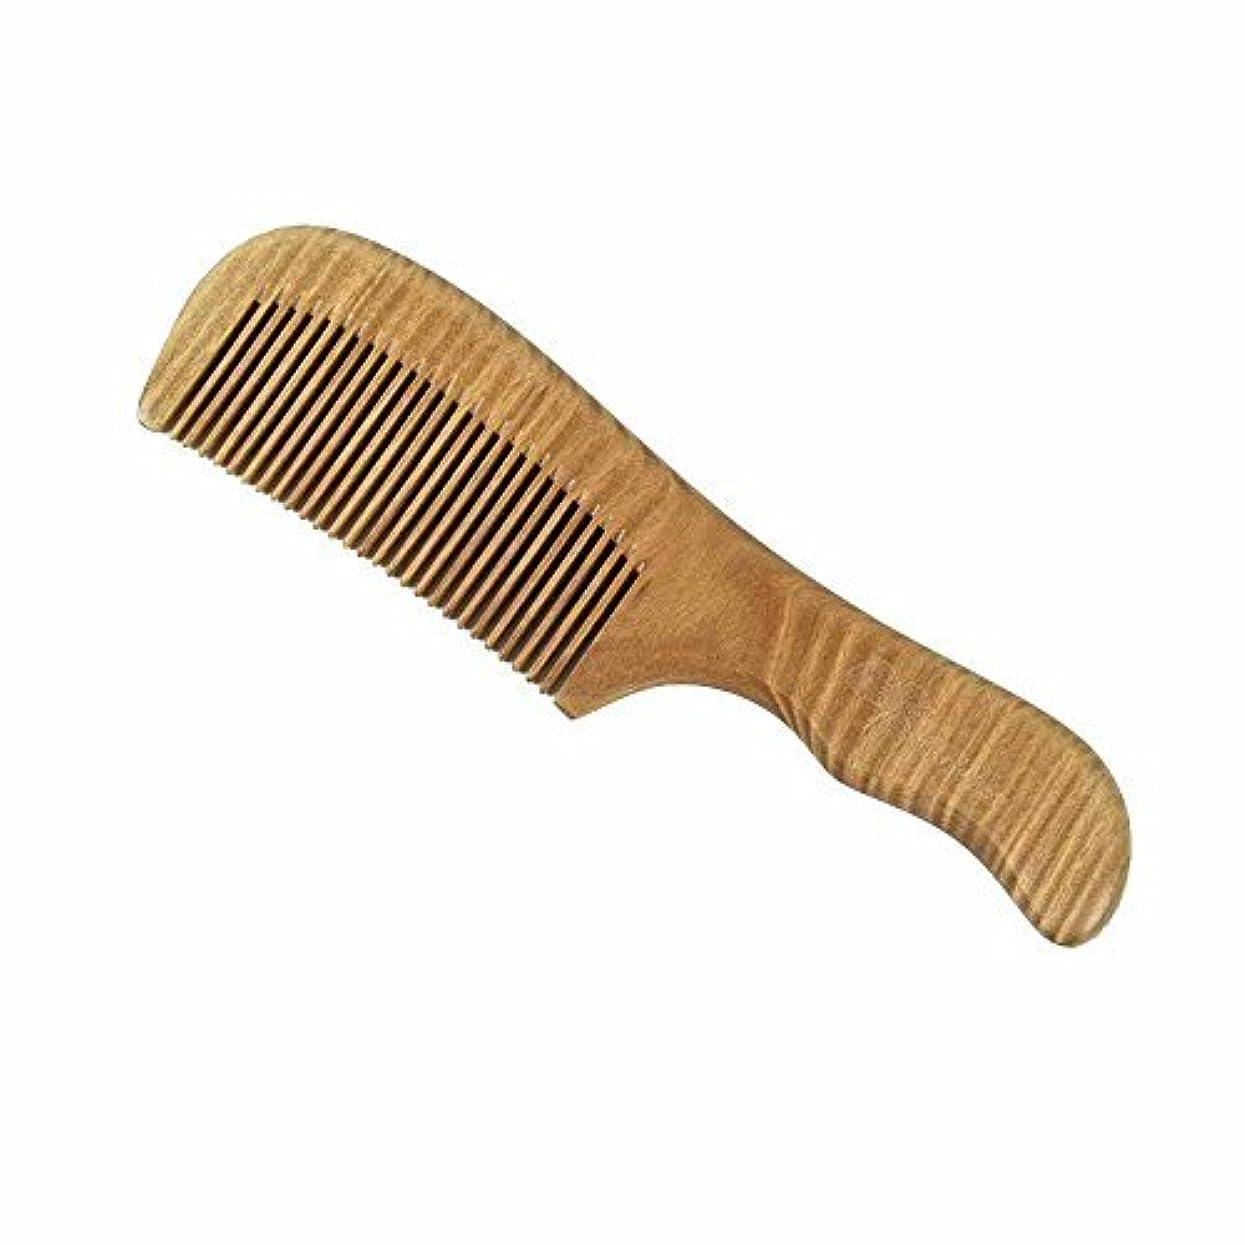 エレベーターリビジョンしないでくださいWooden Hair Brush, by GoWoo, Fine Tooth, Detangling, Natural and Handmade, for Men and Women, From Earth to Earth...